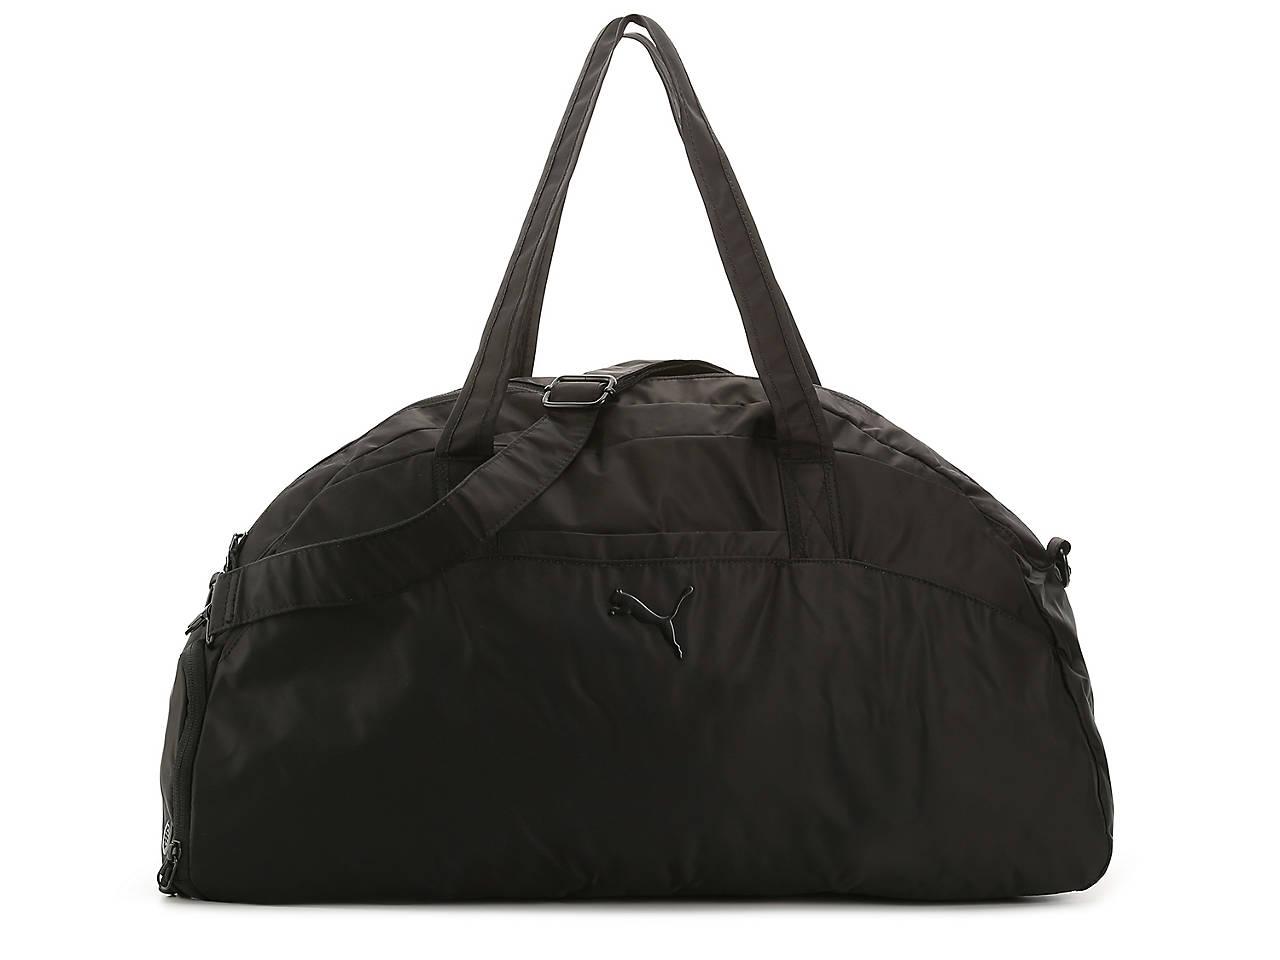 Agility Fitness Gym Bag